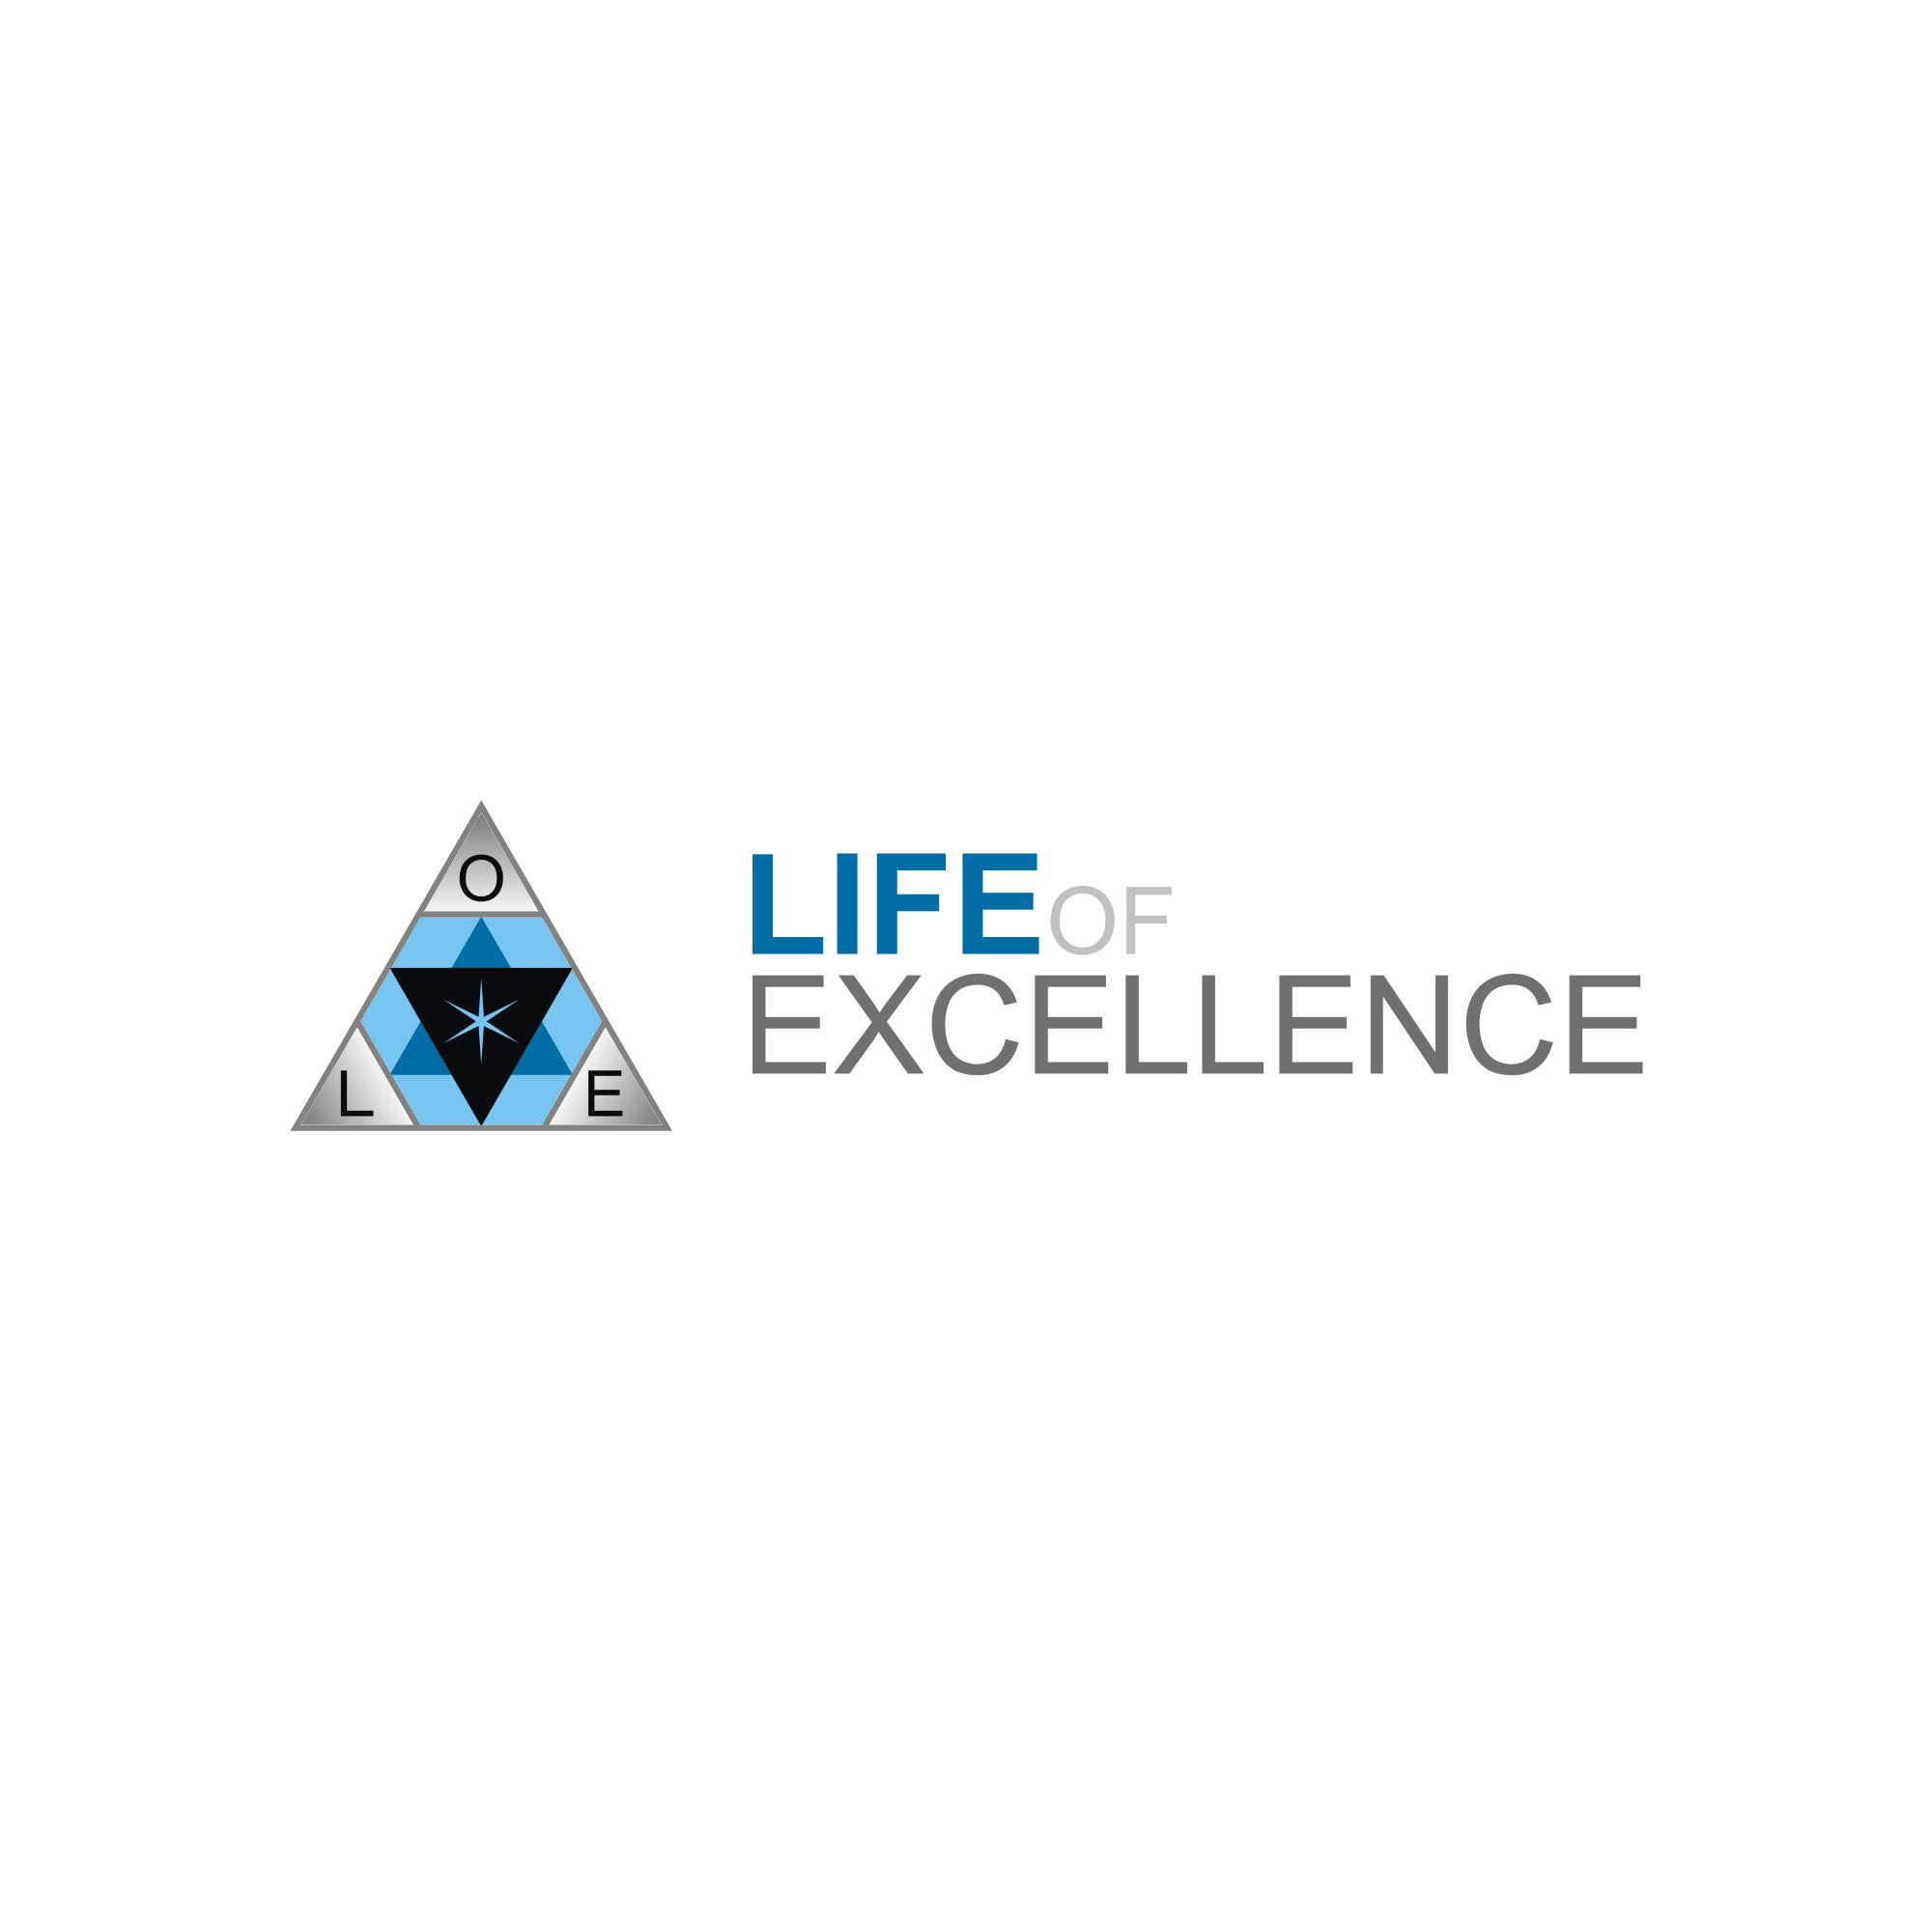 Design a triangular / geometric logo for a wellness company